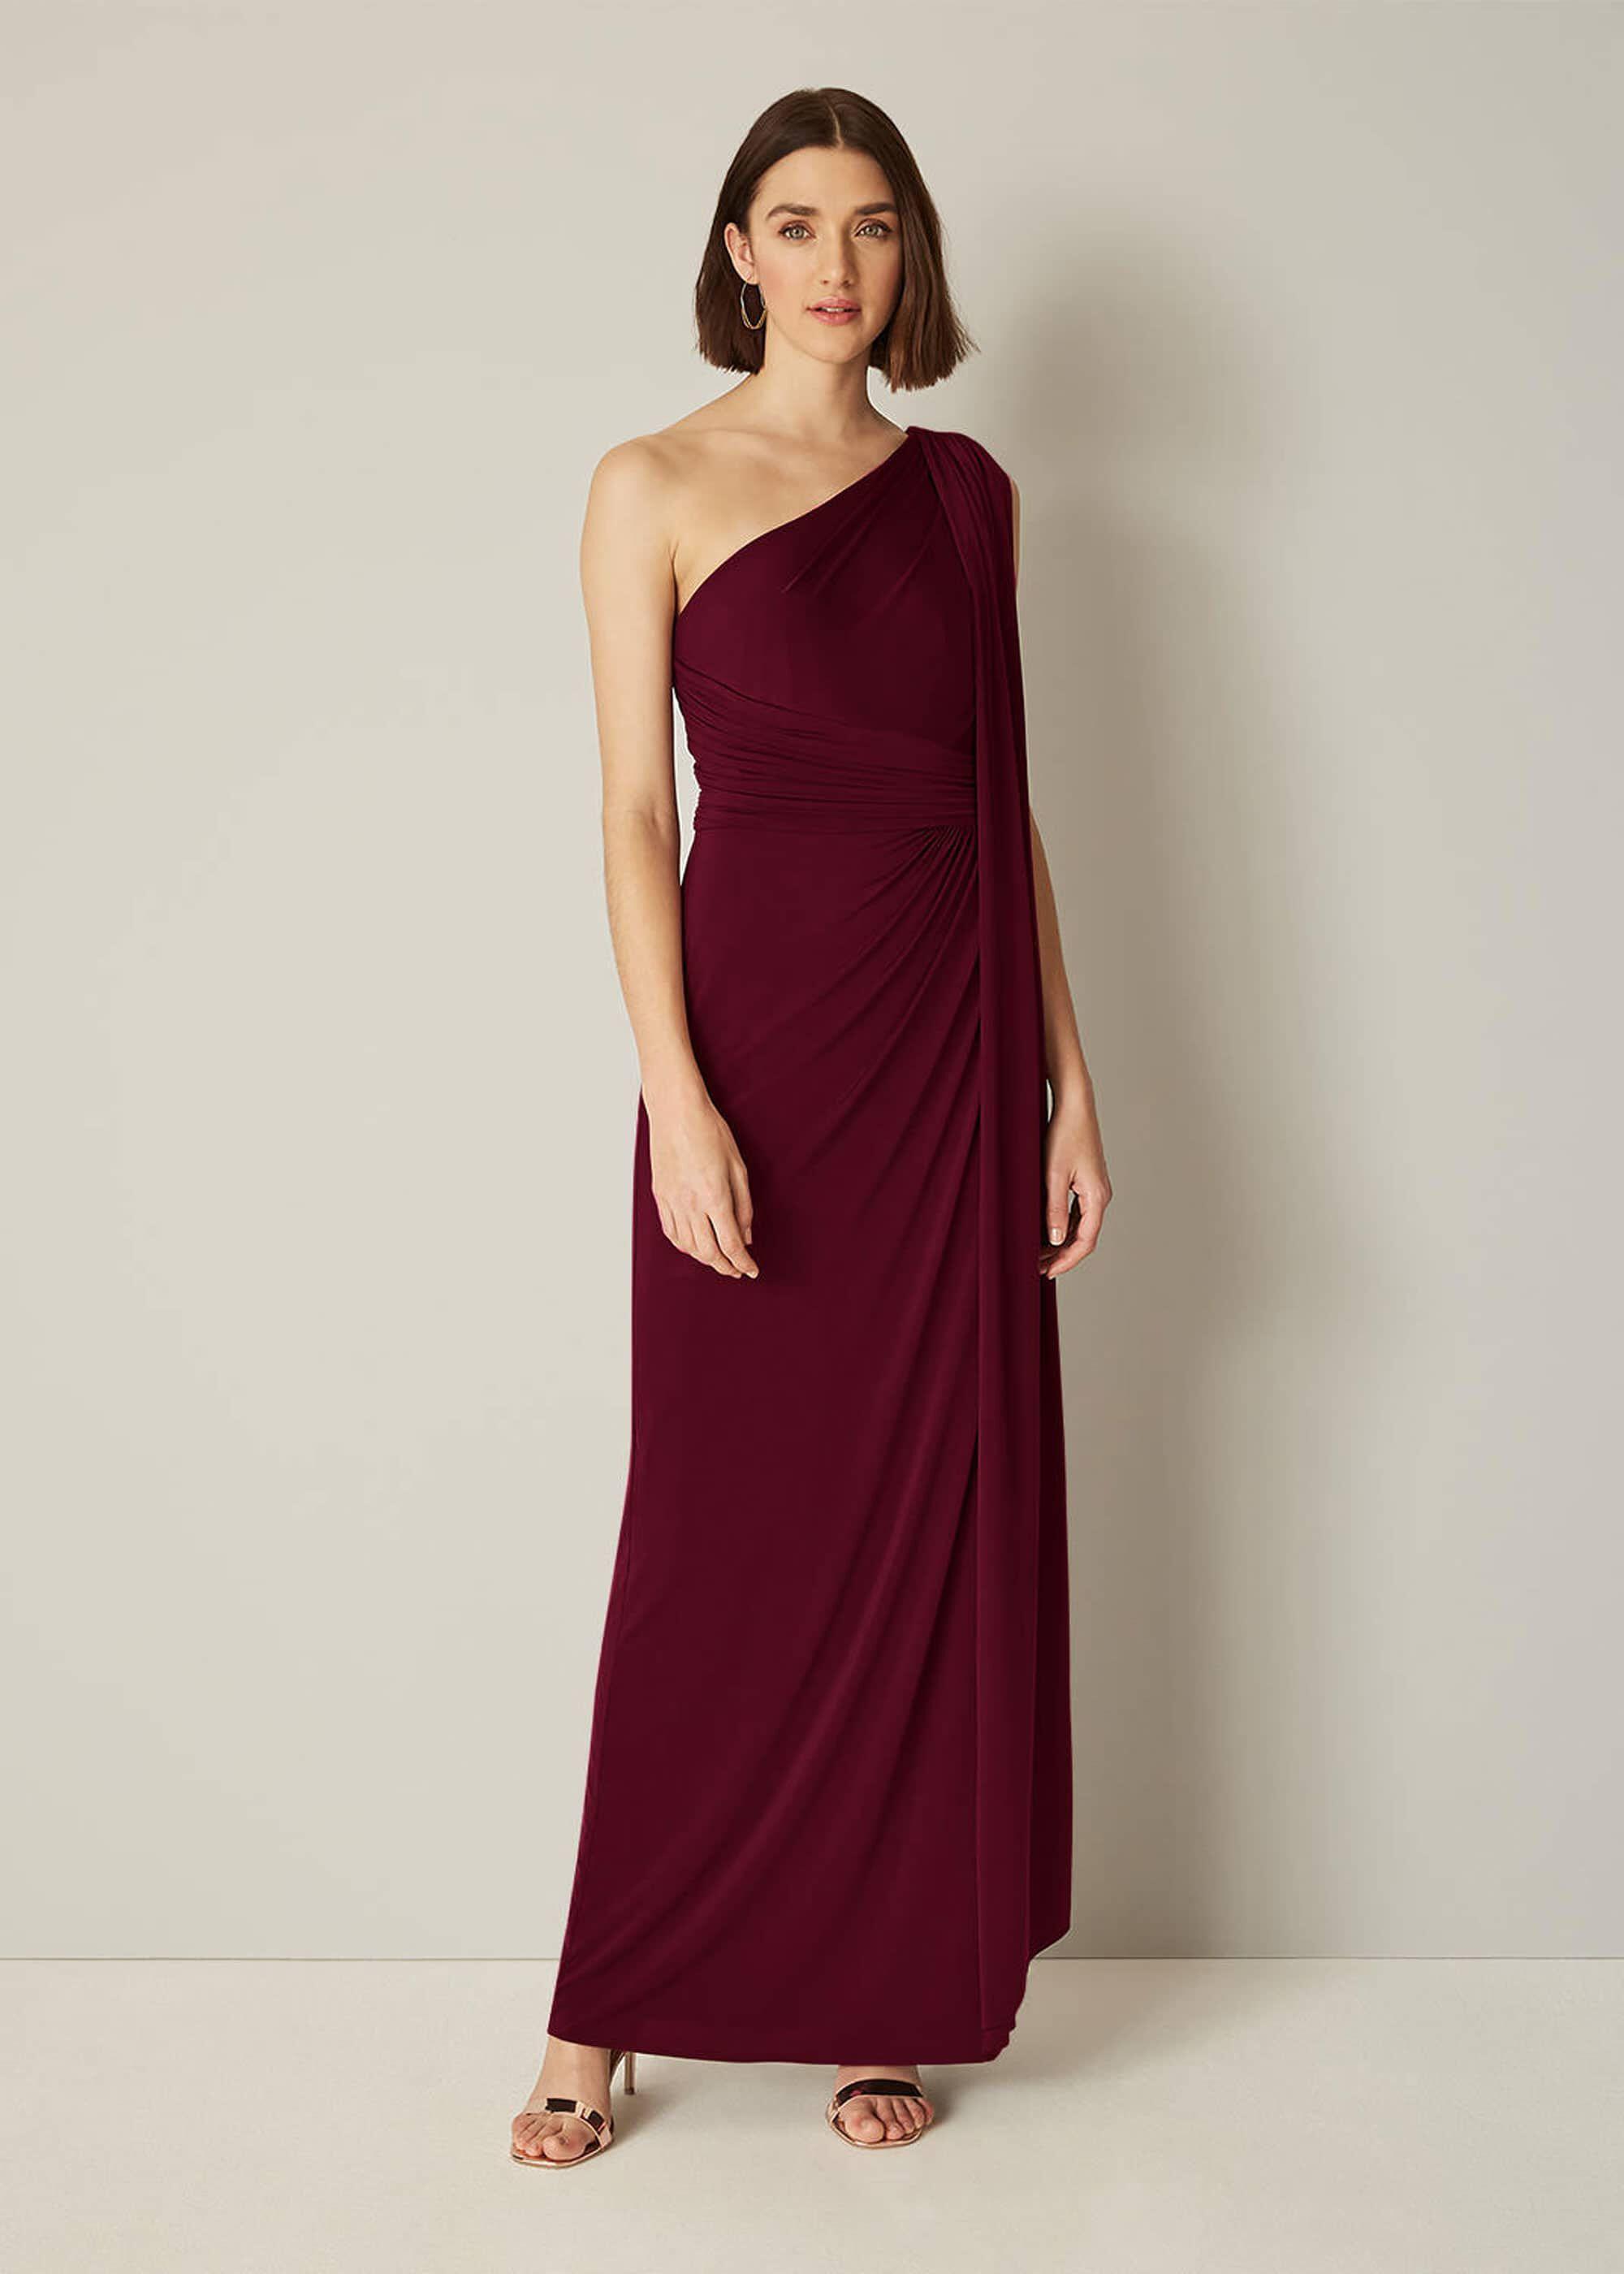 One Shoulder Maxi Bridesmaid Dress